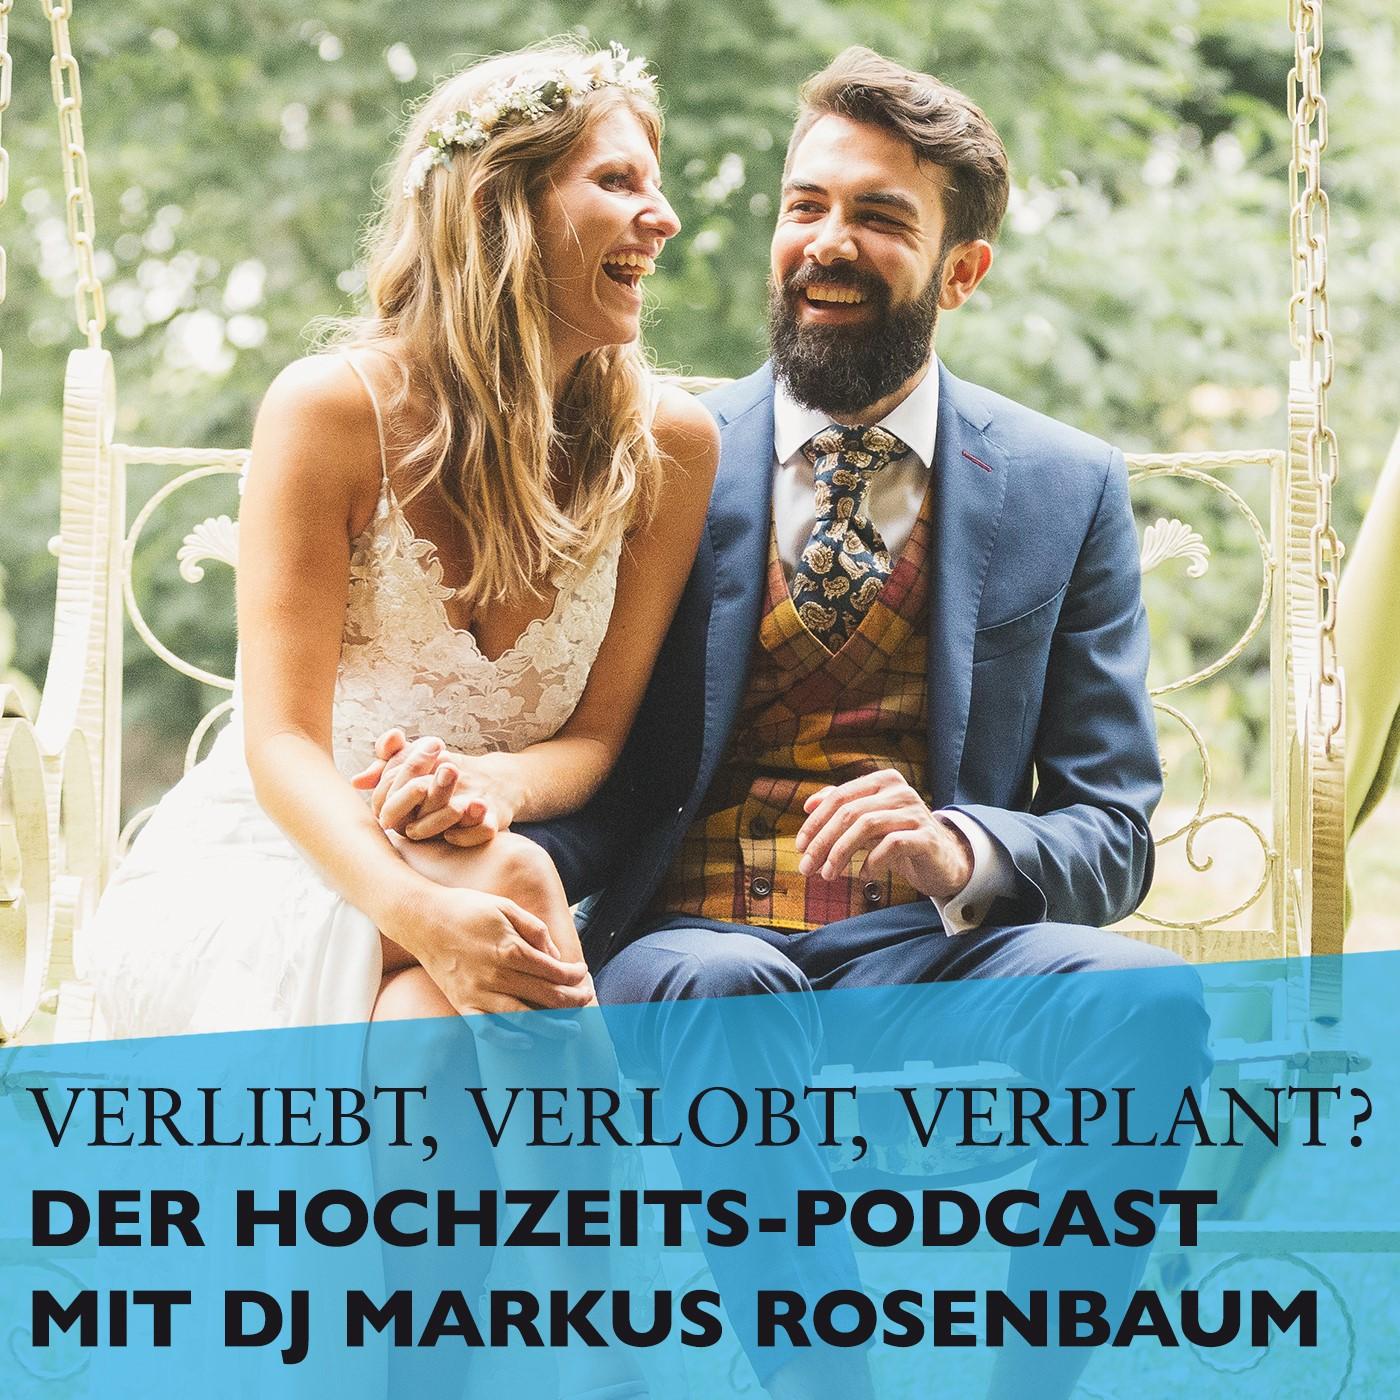 Verliebt, Verlobt, Verplant? - Tipps für die Hochzeit